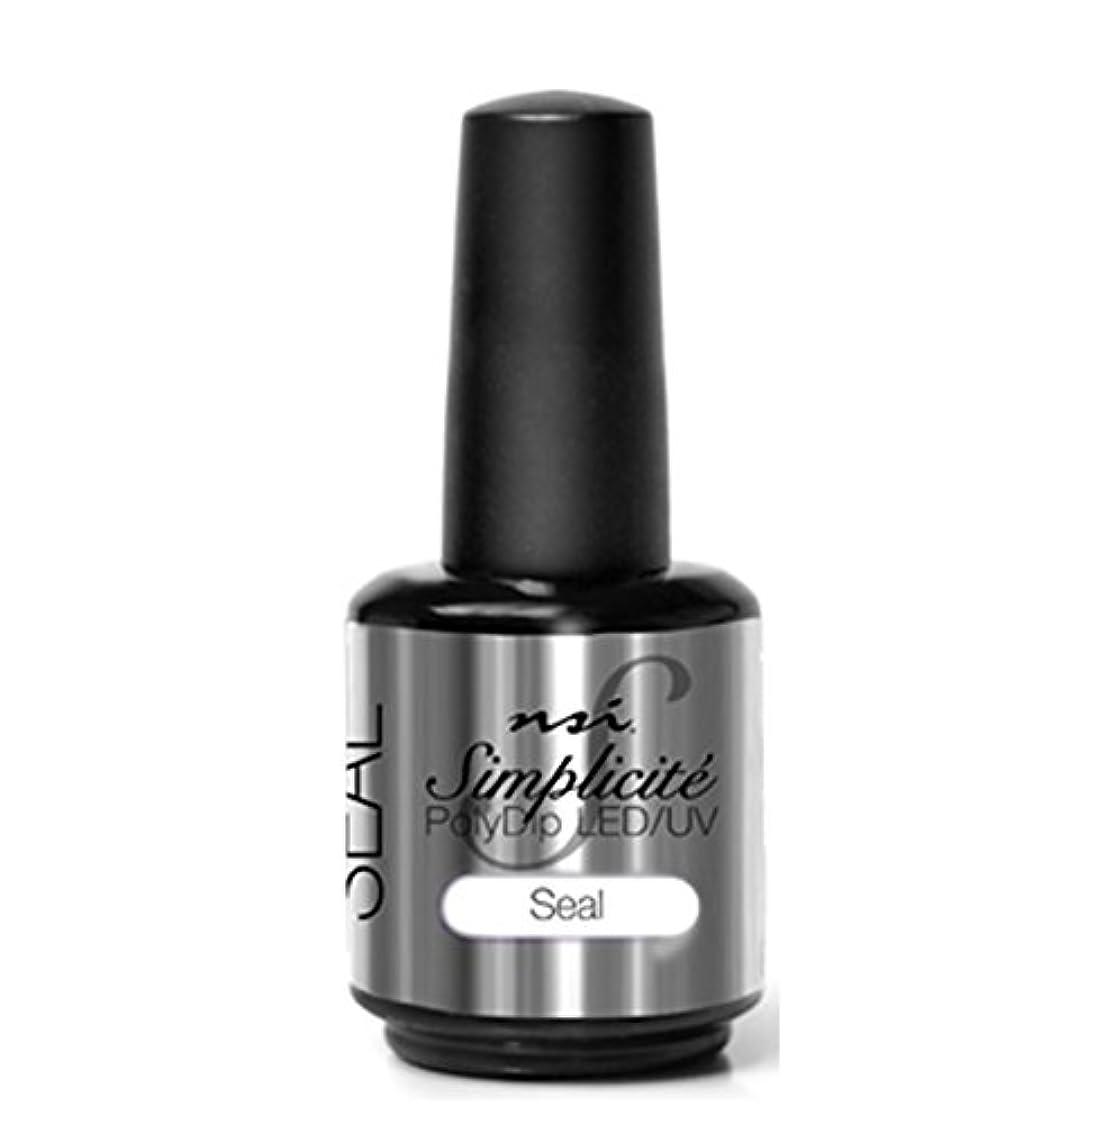 愛国的なクリップ清めるNSI - Simplicité PolyDip LED/UV Polish - Seal - 15 ml/0.5 oz